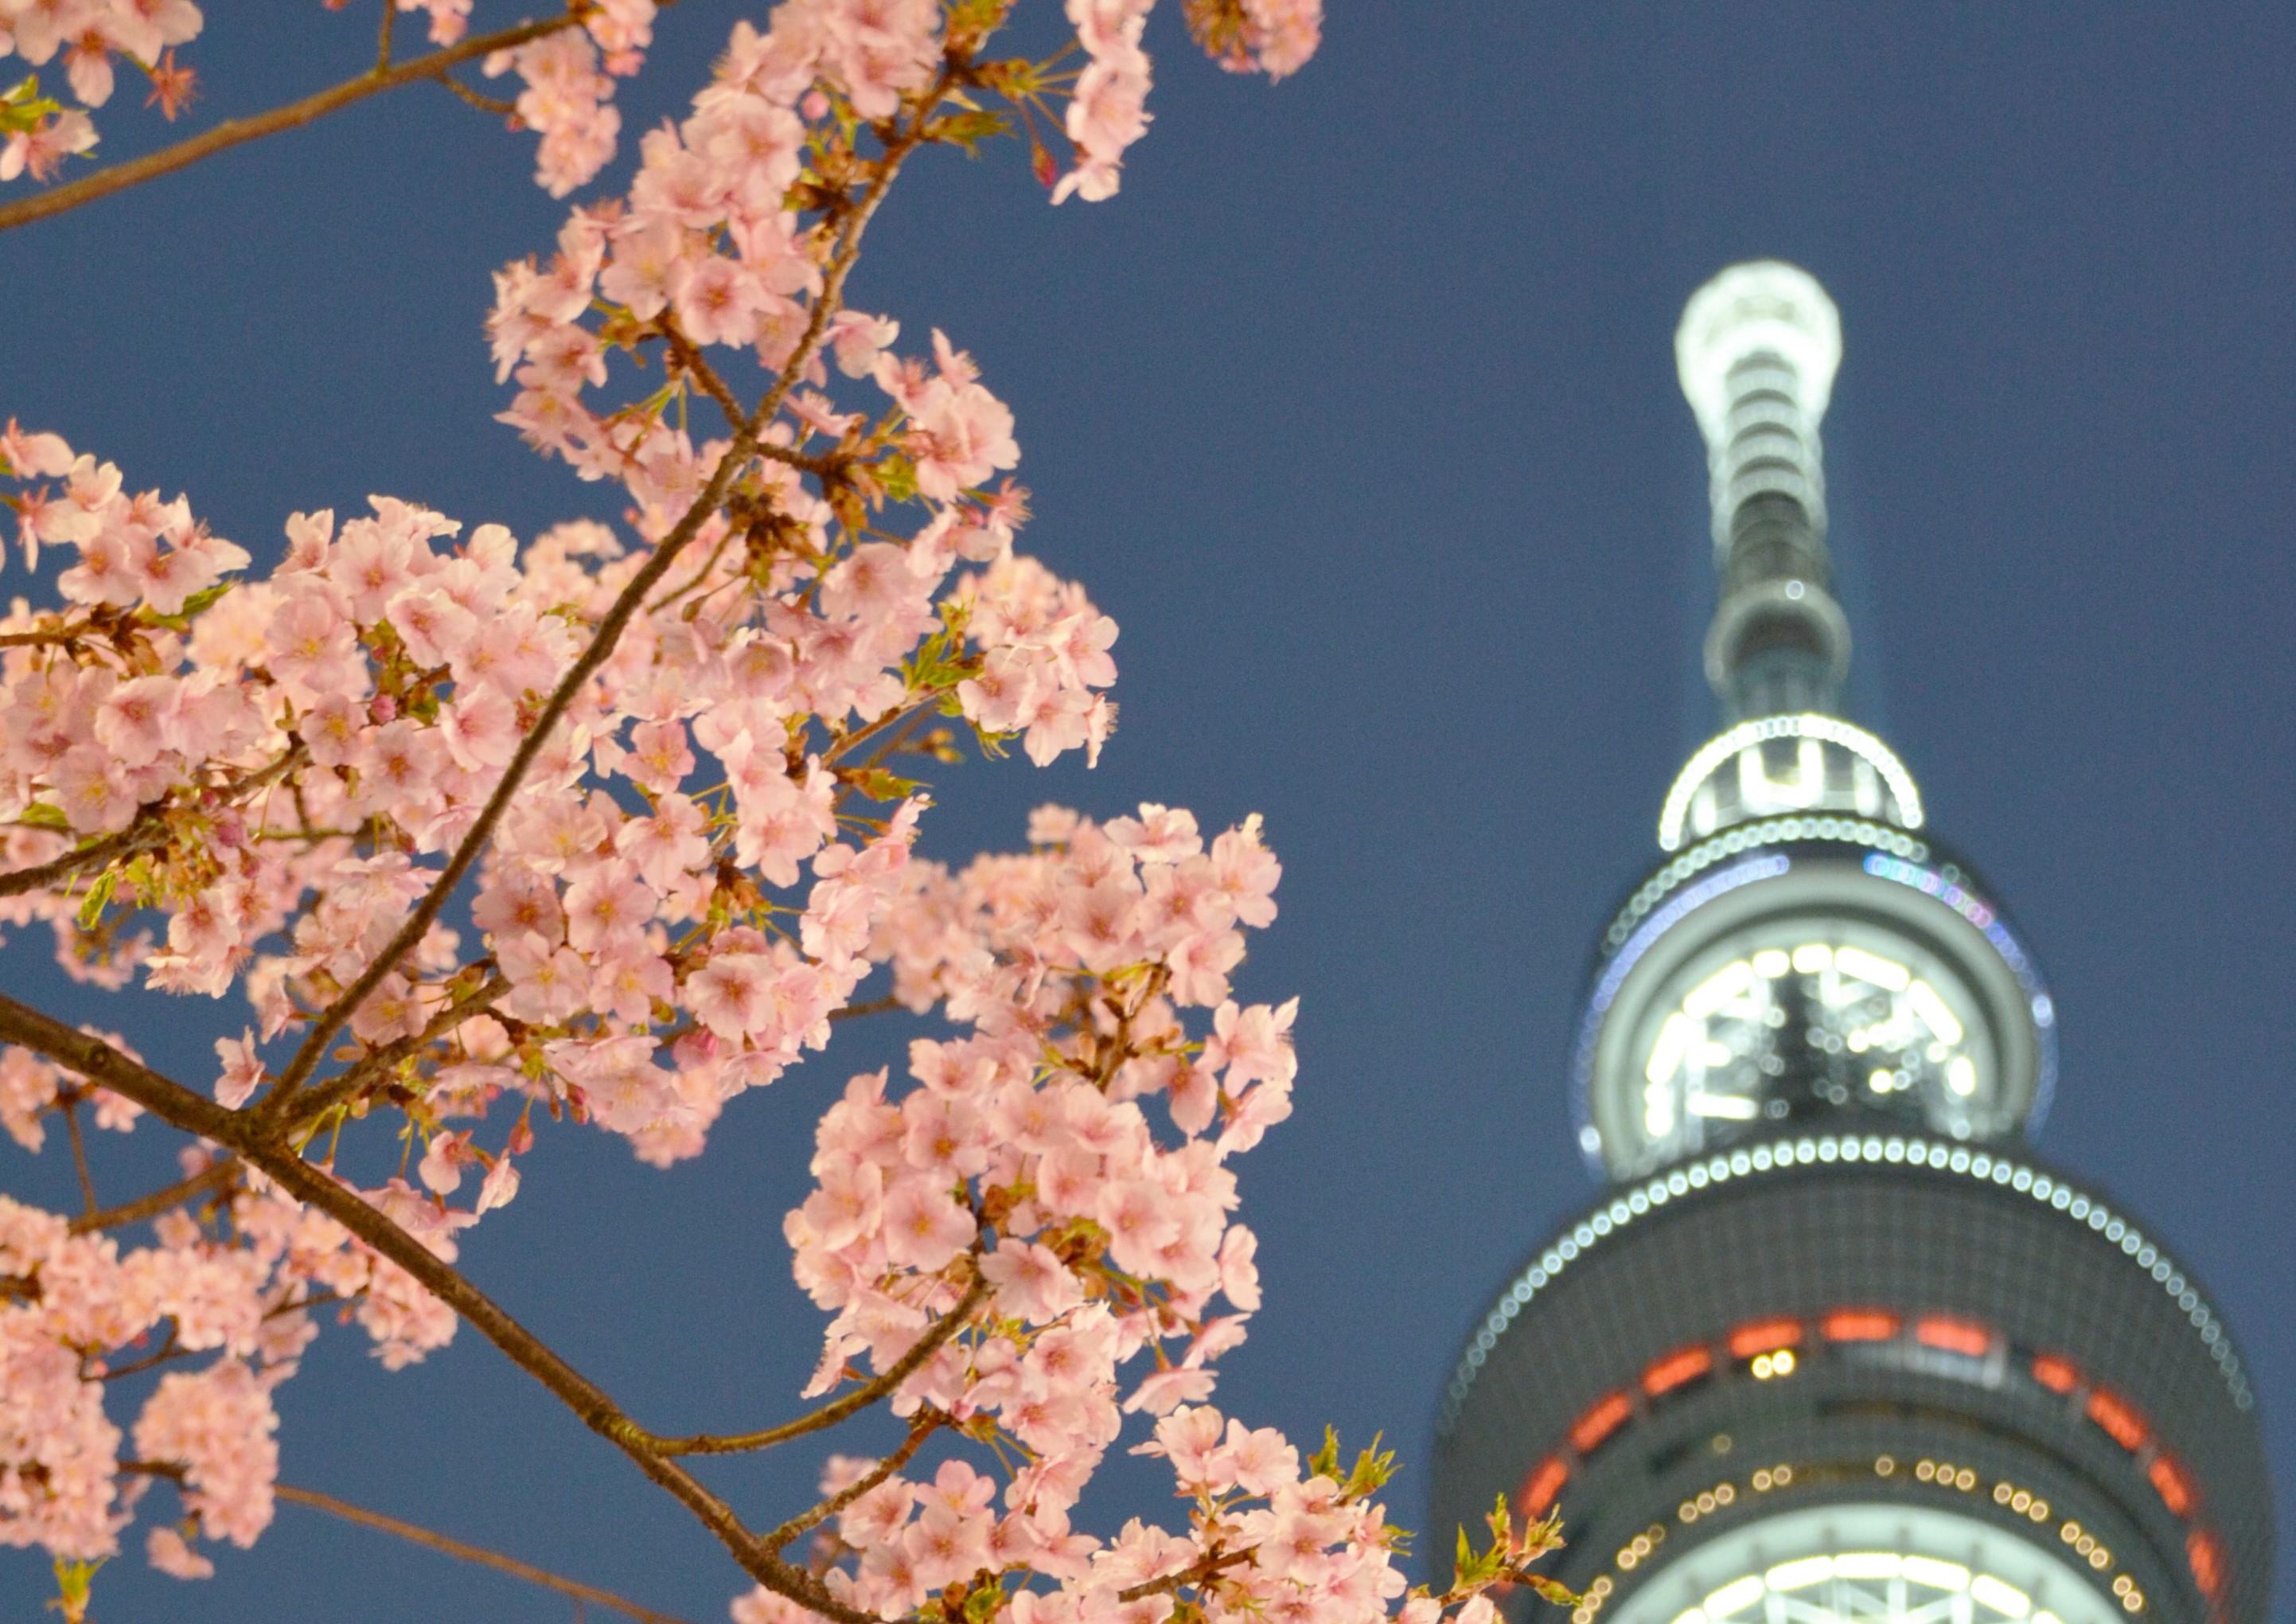 ☆仕事終わりの東京夜桜☆ビール&かどやホテルオリジナルおつまみ付きプラン